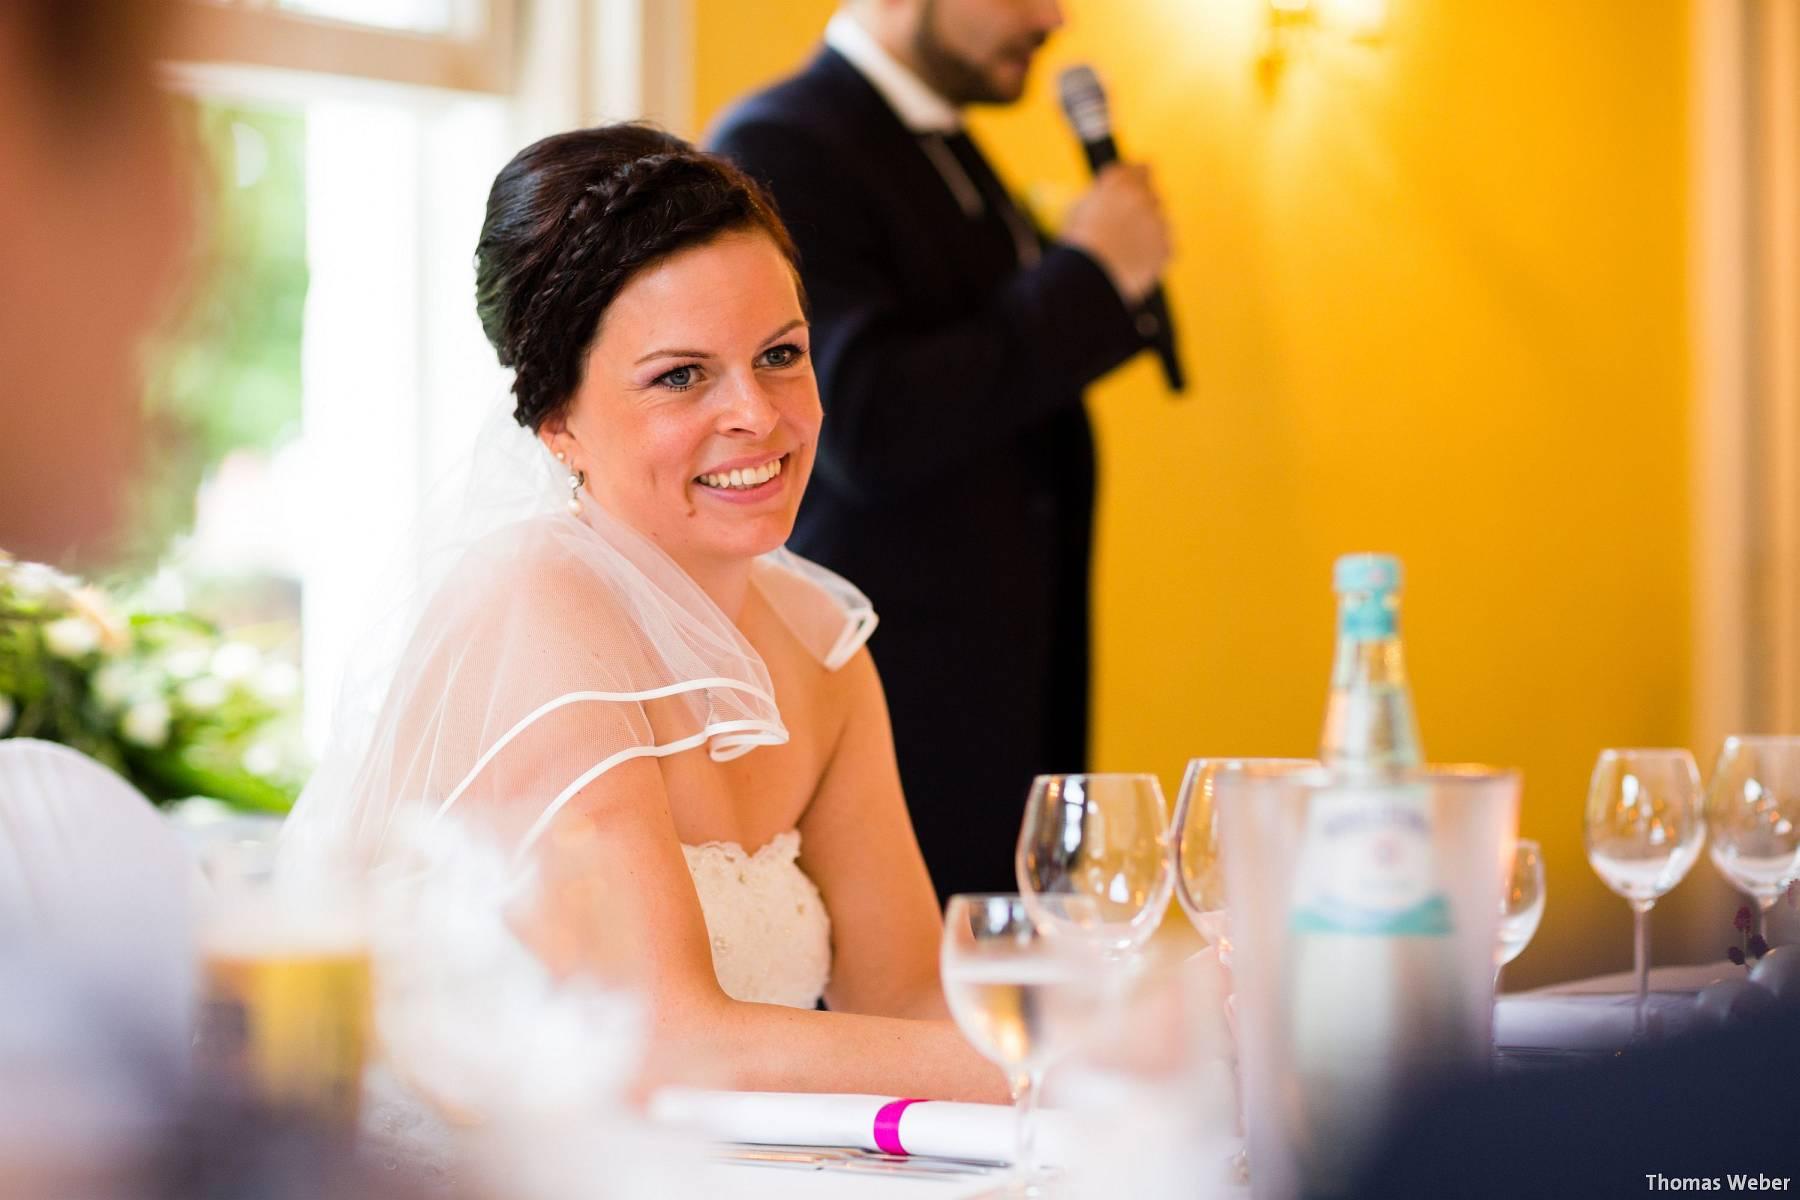 Hochzeitsfotograf Oldenburg: Kirchliche Trauung in der Garnisonkirche Oldenburg und Feier im Landhaus Etzhorn Oldenburg (17)